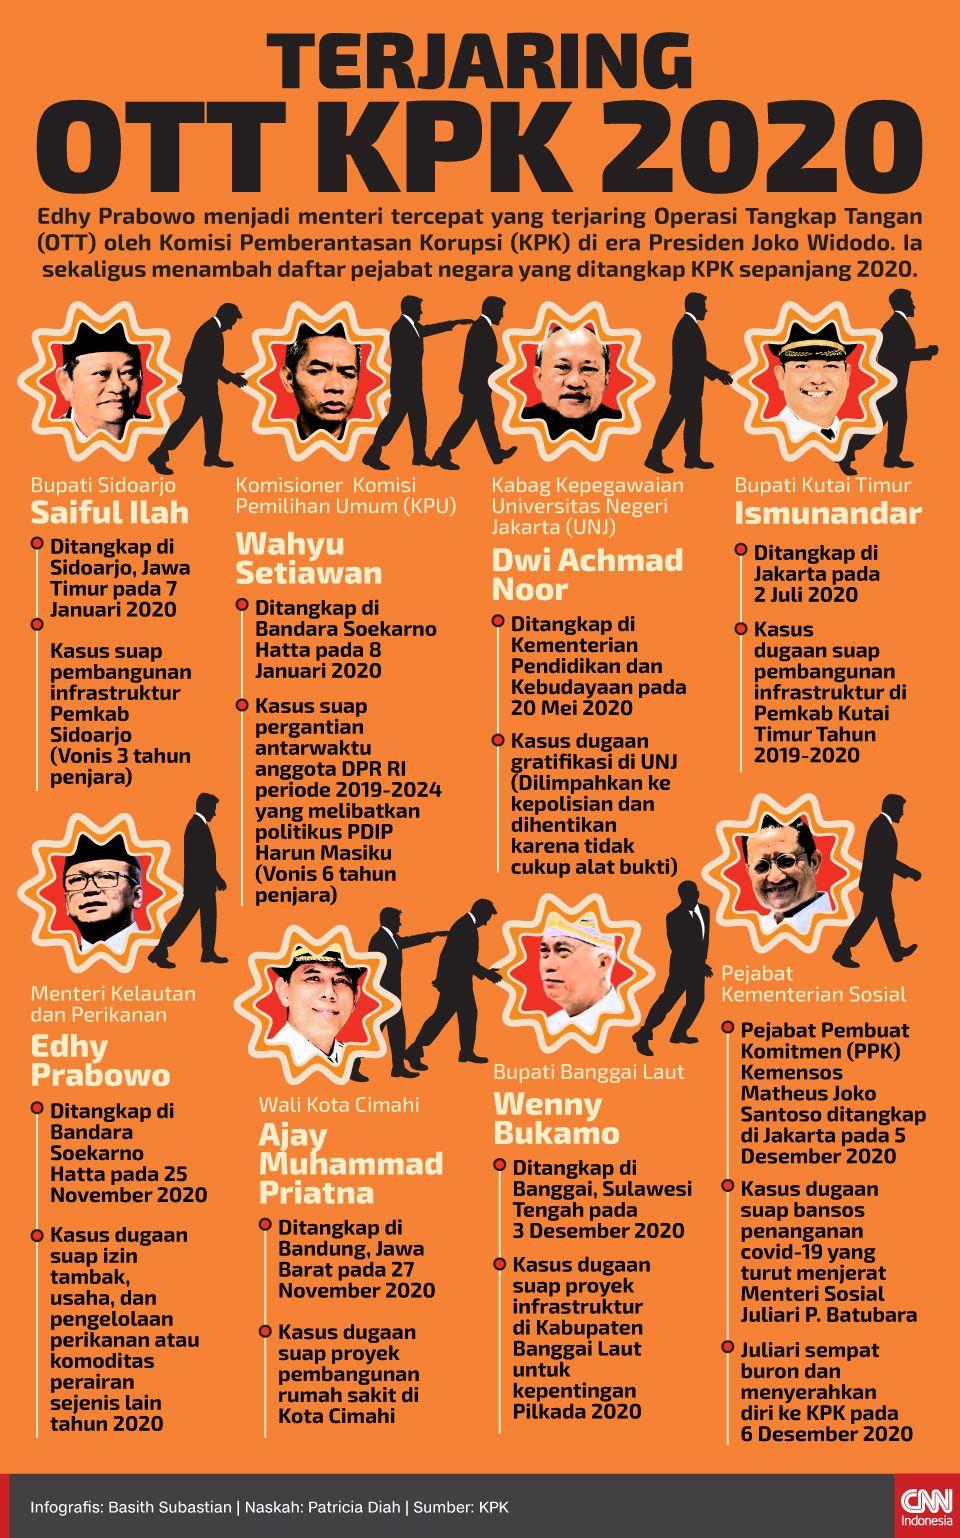 Infografis TERJARING OTT KPK 2020